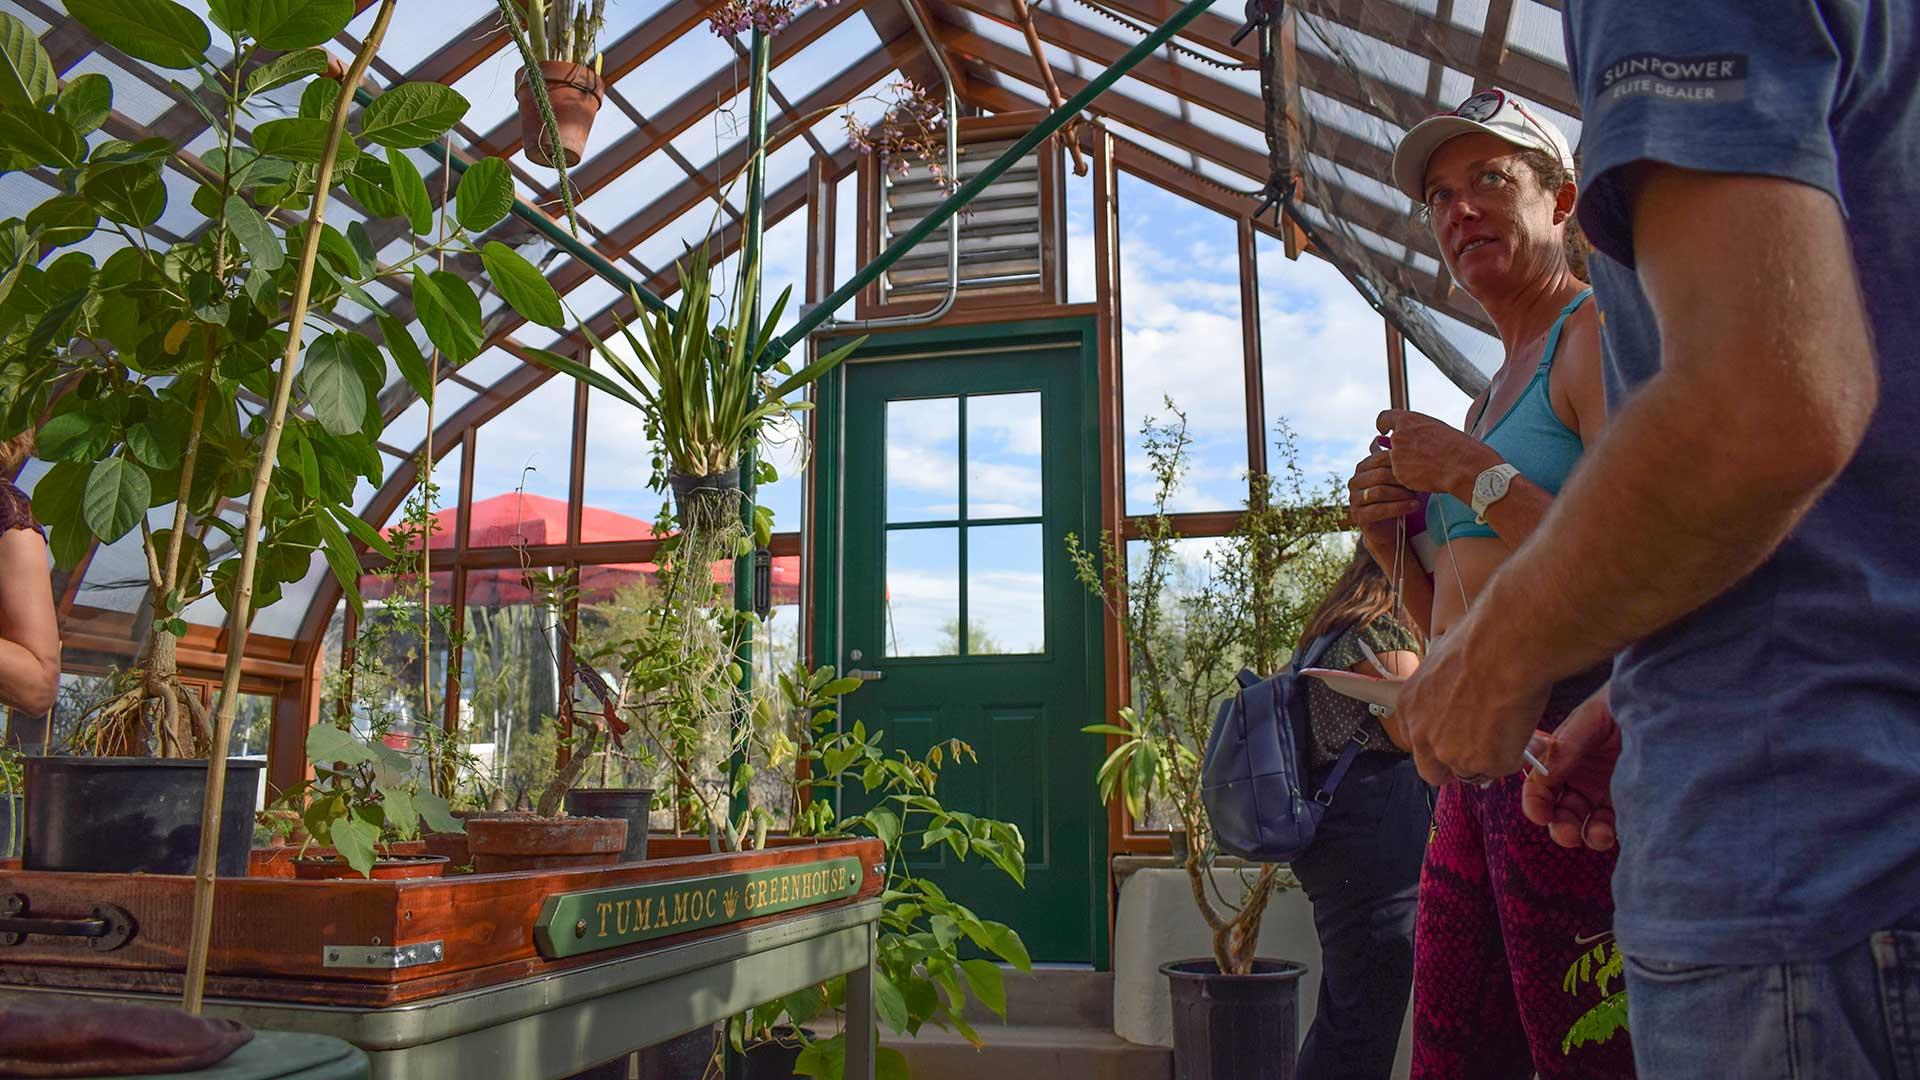 Tumamoc greenhouse 1